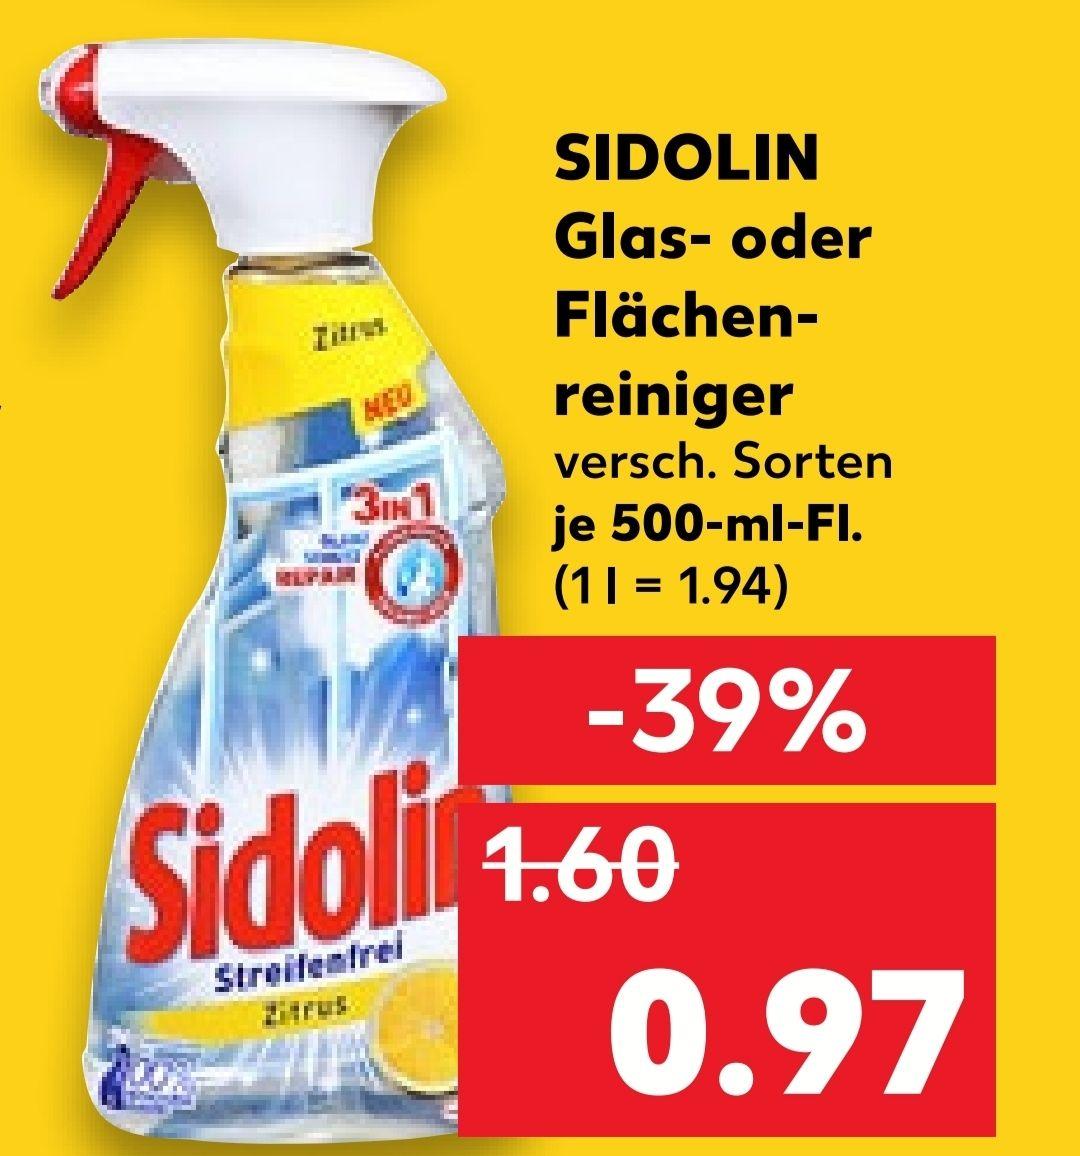 [Kaufland Do-Mi] 4x Sidolin Glas- oder Flächenreiniger für 1,88€ (Stückpreis = 0,47€)